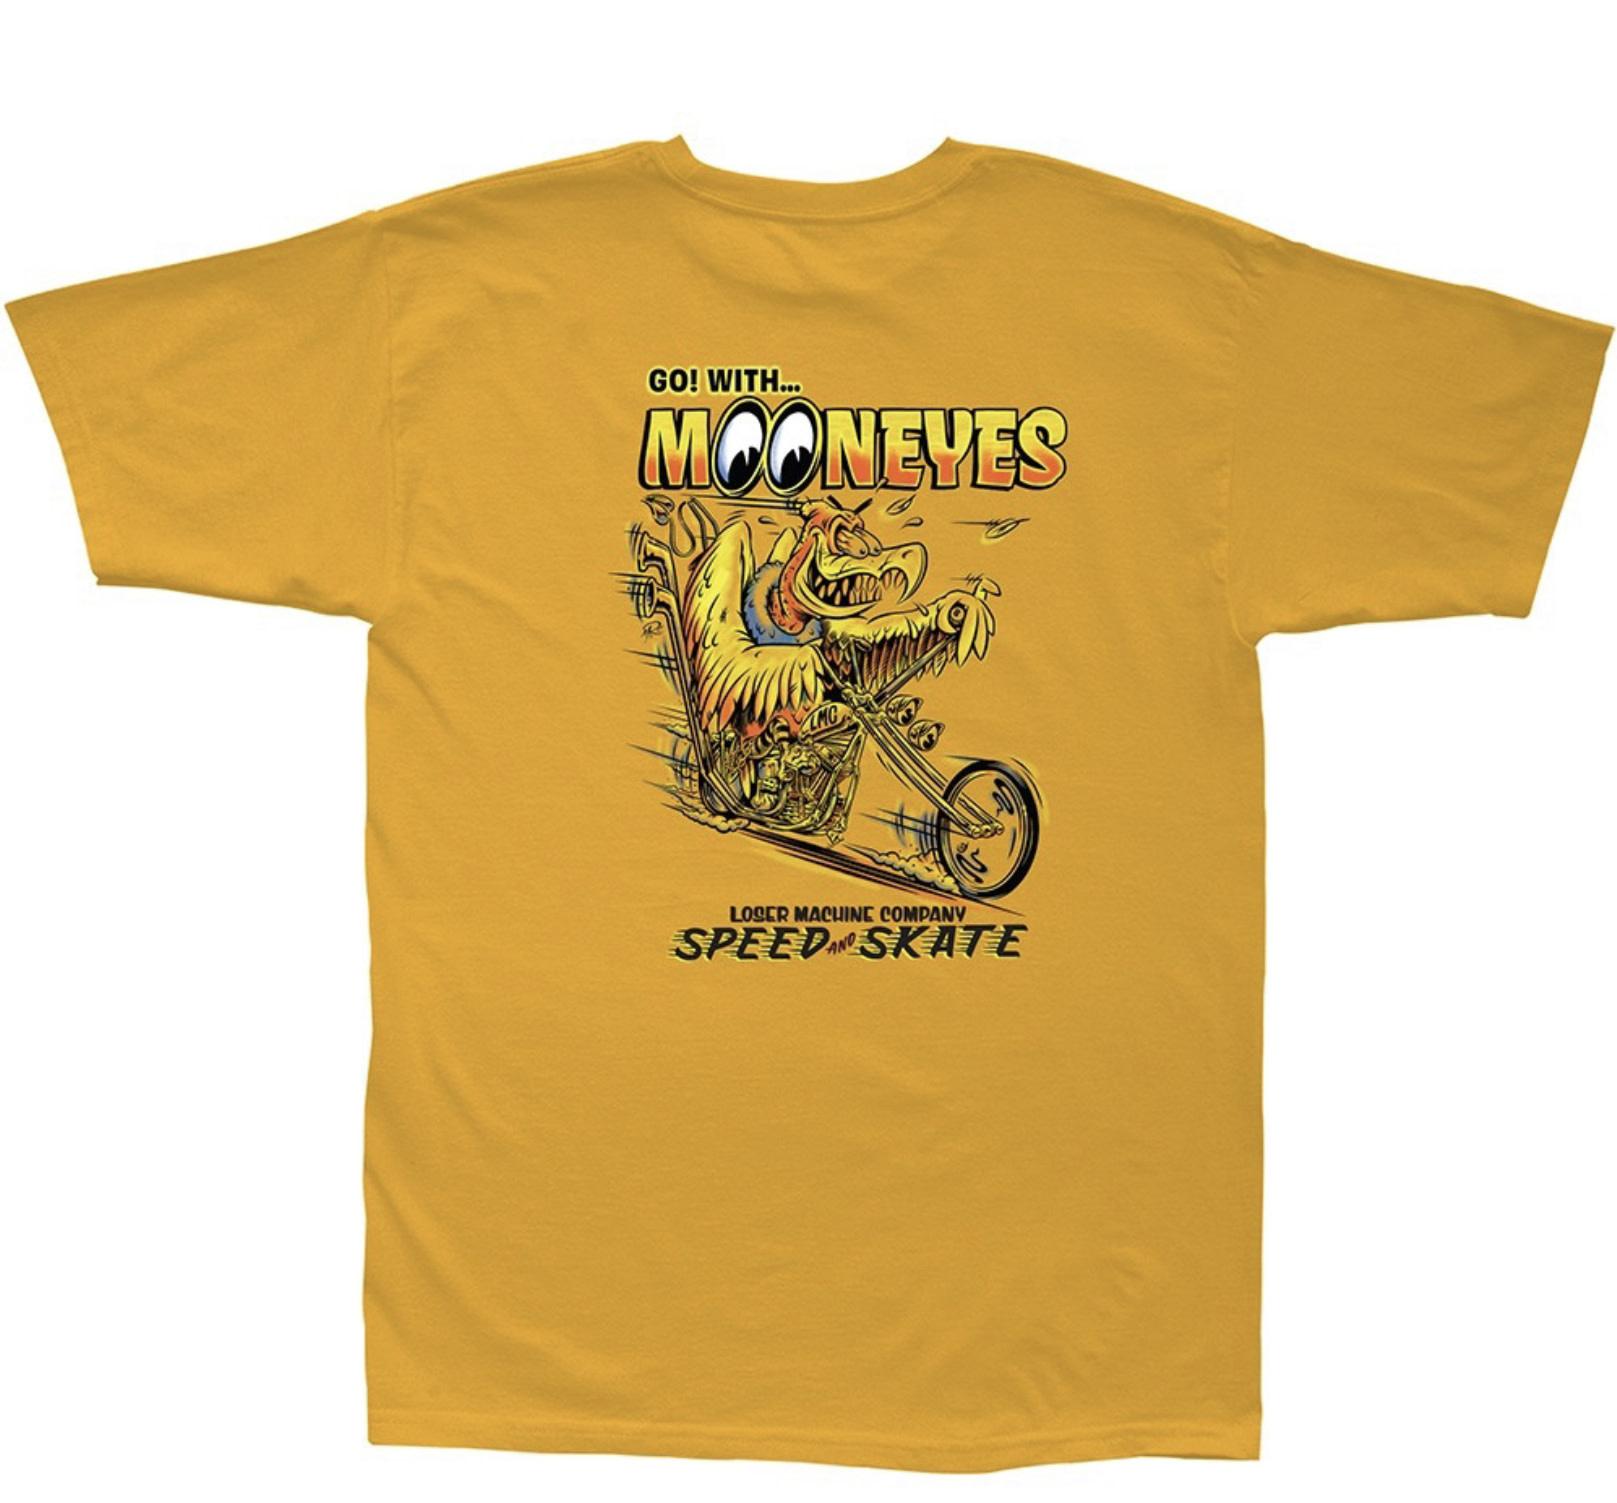 Loser Machine Loser Machine -  S/S Cali-Style Gold